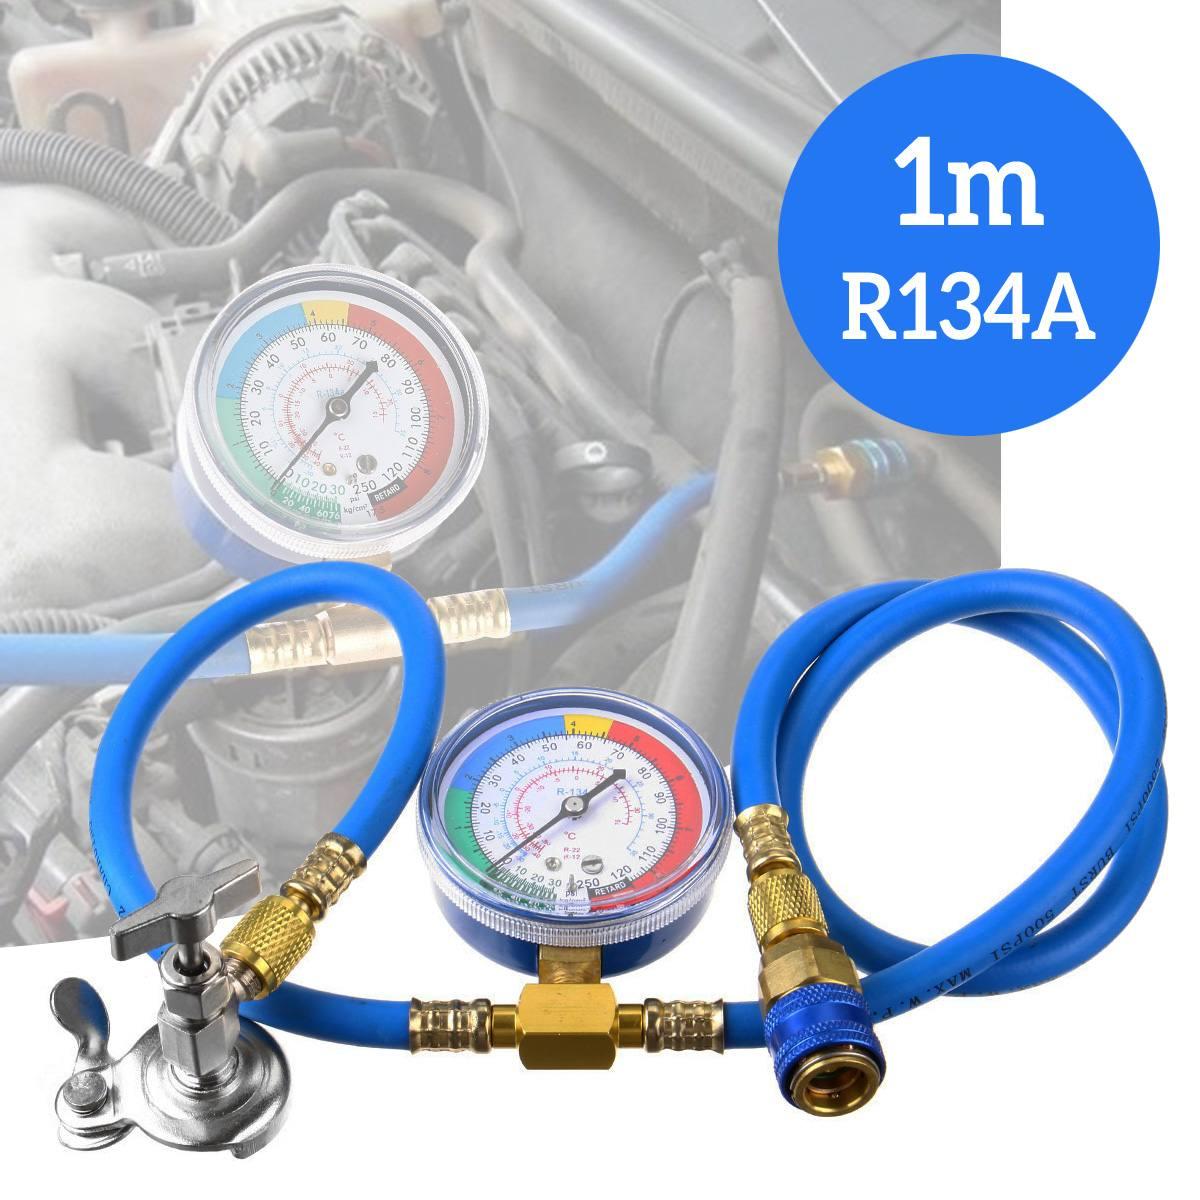 R134A tubo di misurazione ricarica aria condizionata con manometro valvola refrigerante tubo Auto accessori aria condizionata Auto